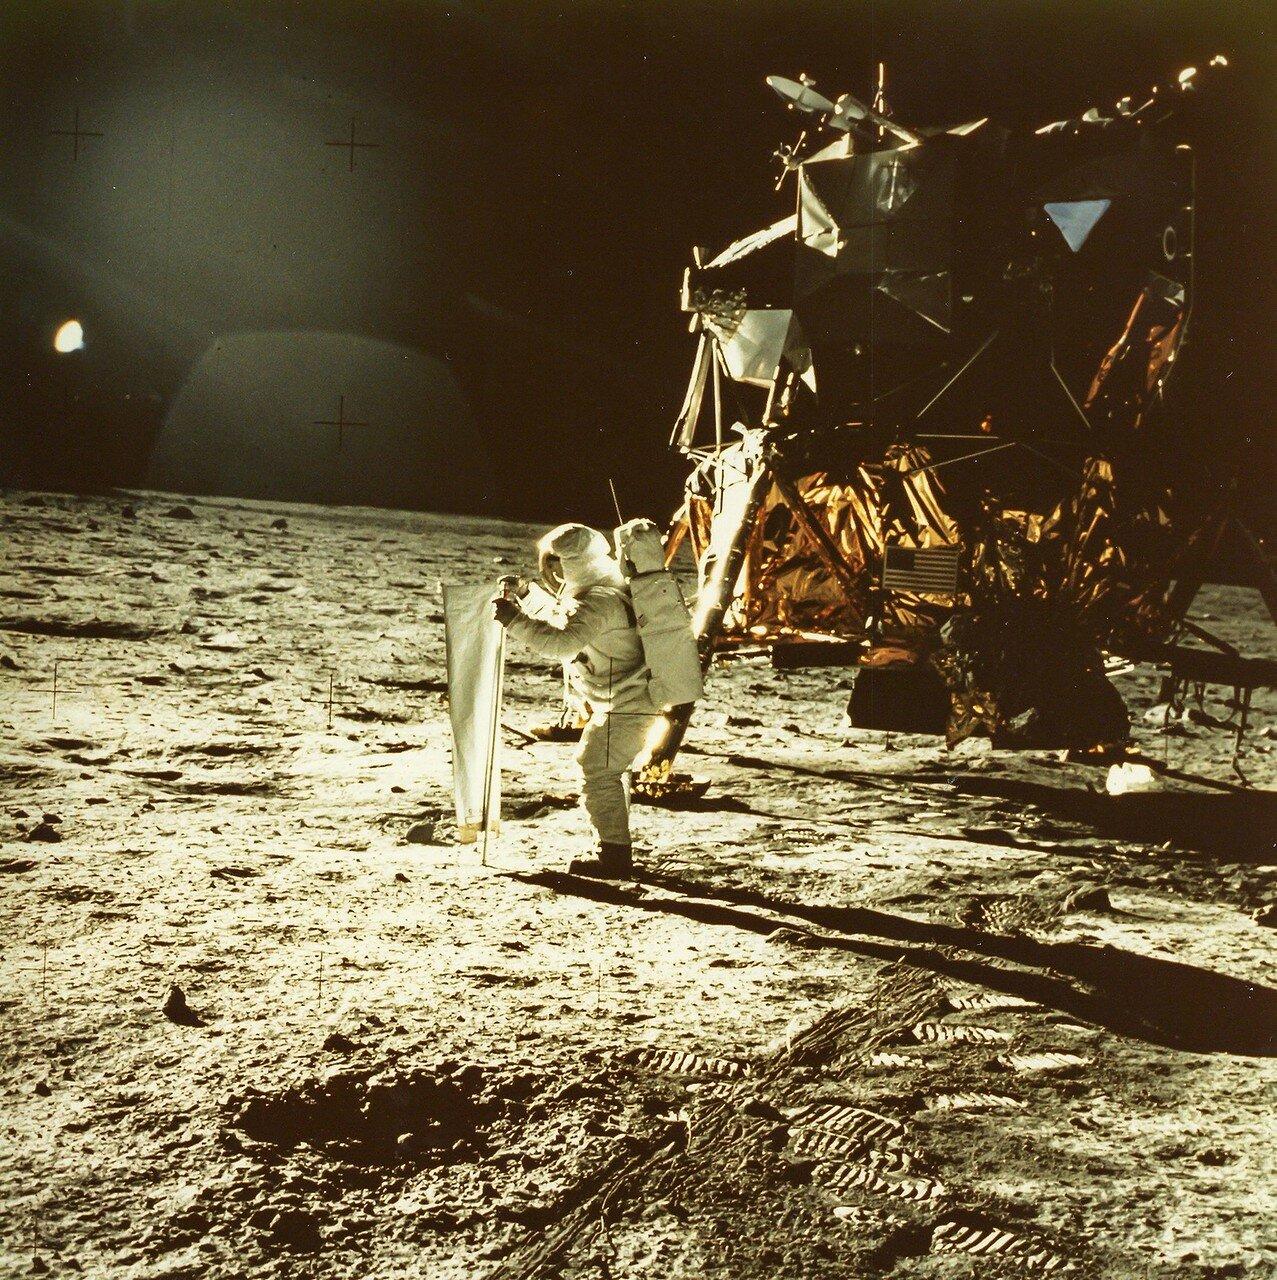 Они прилипали тонкими слоями к подошвам и бокам лунных ботинок, как измельчённый древесный уголь. На снимке: Первые фотографии человека, стоящего на поверхности другого мира